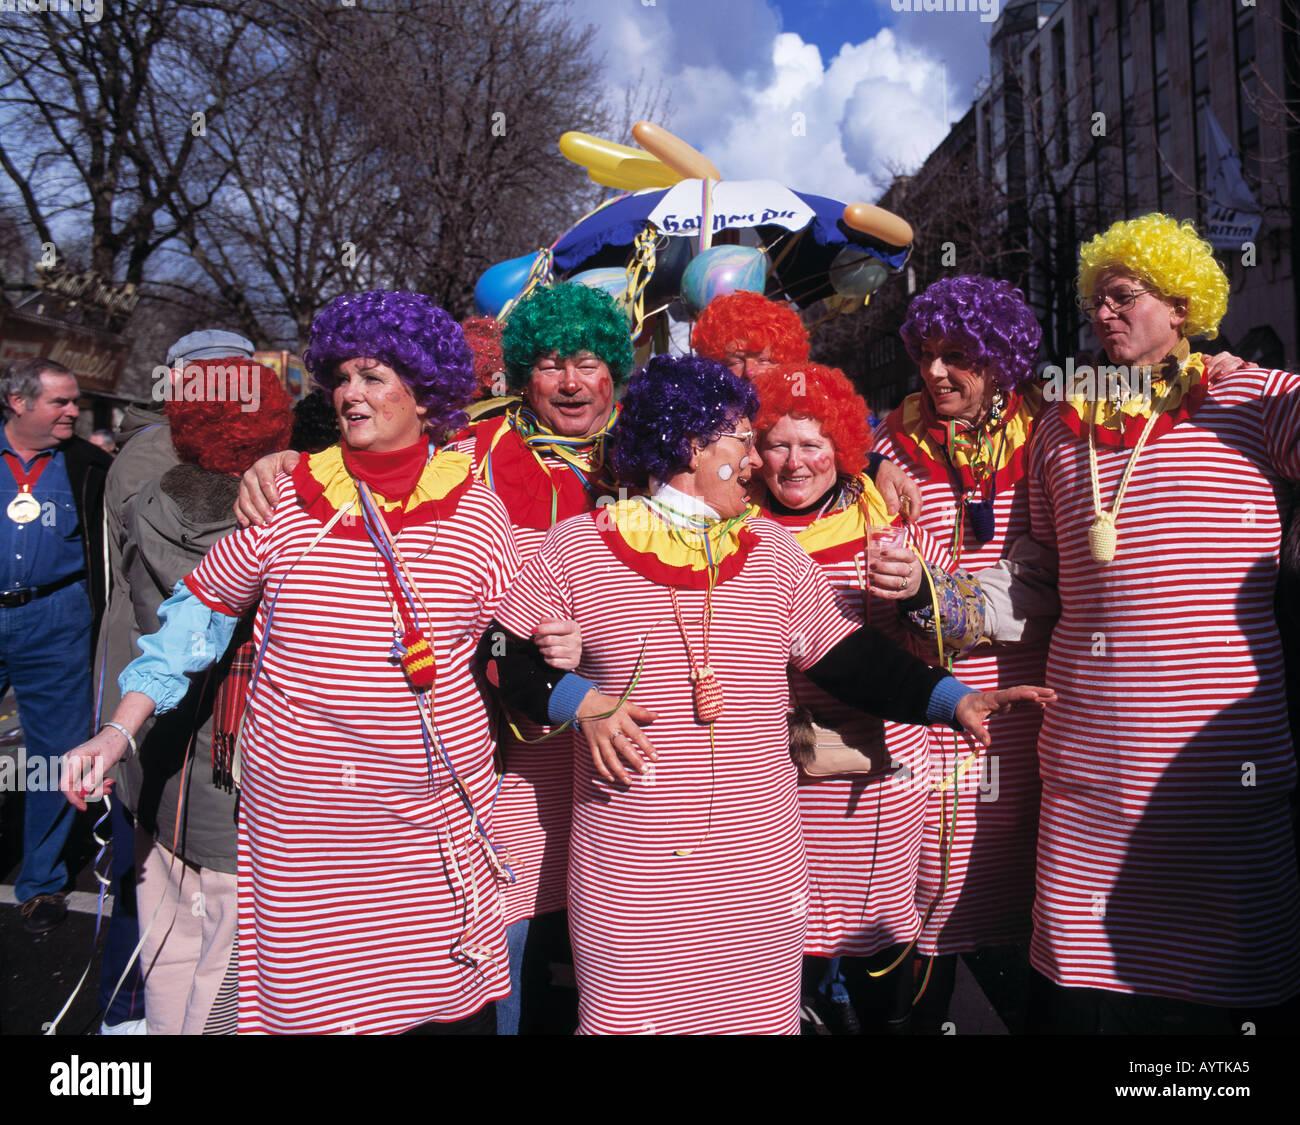 2012 feb 20 rosenmontag teil 2 das wachs muss ab - 3 6